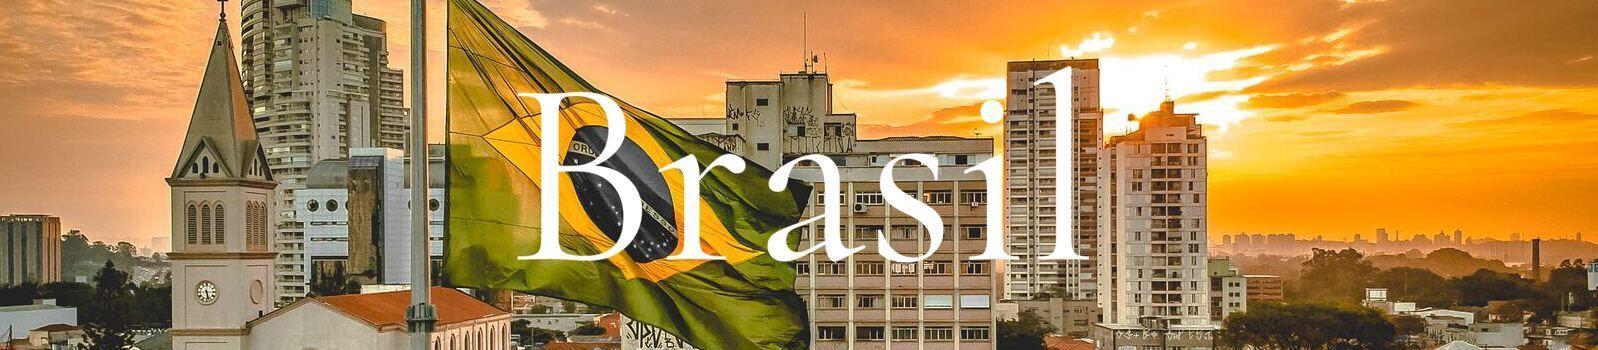 Brasil banner